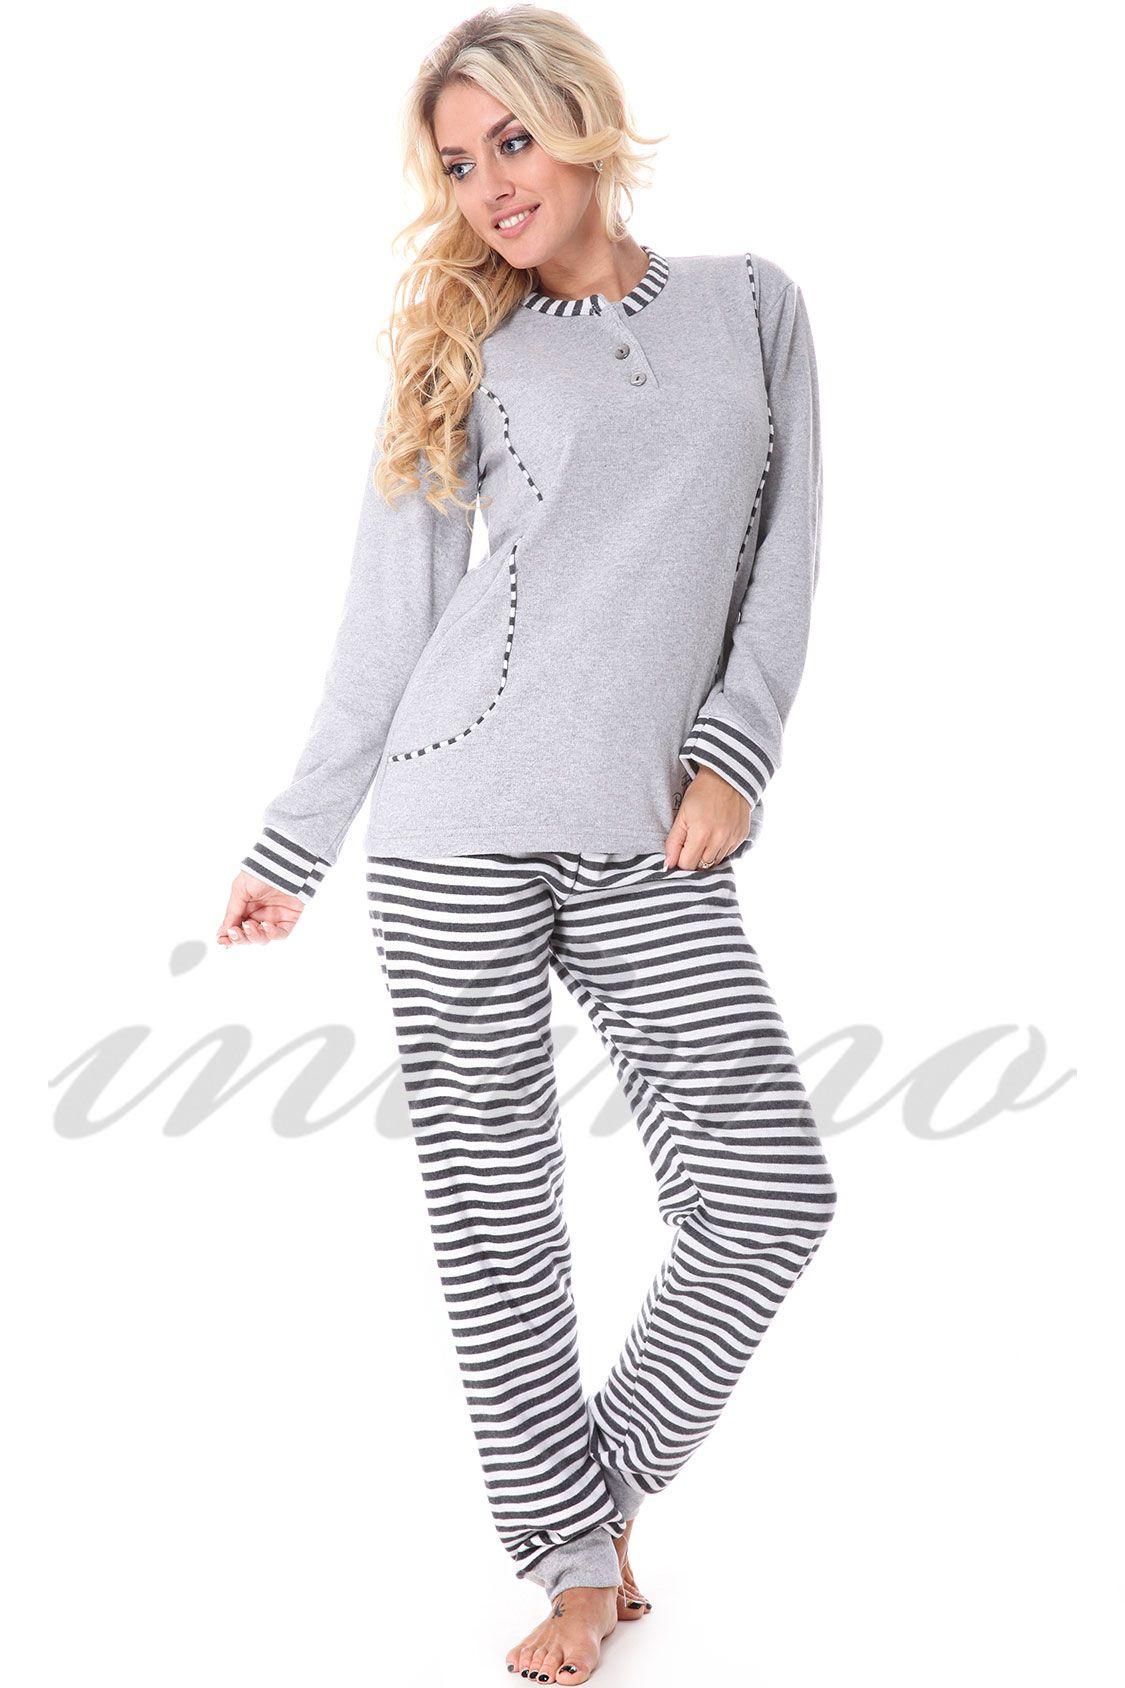 ceba2b5e3e7af Женская пижама - купить в Киеве, цены на атласные и шелковые пижамы и  домашние костюмы